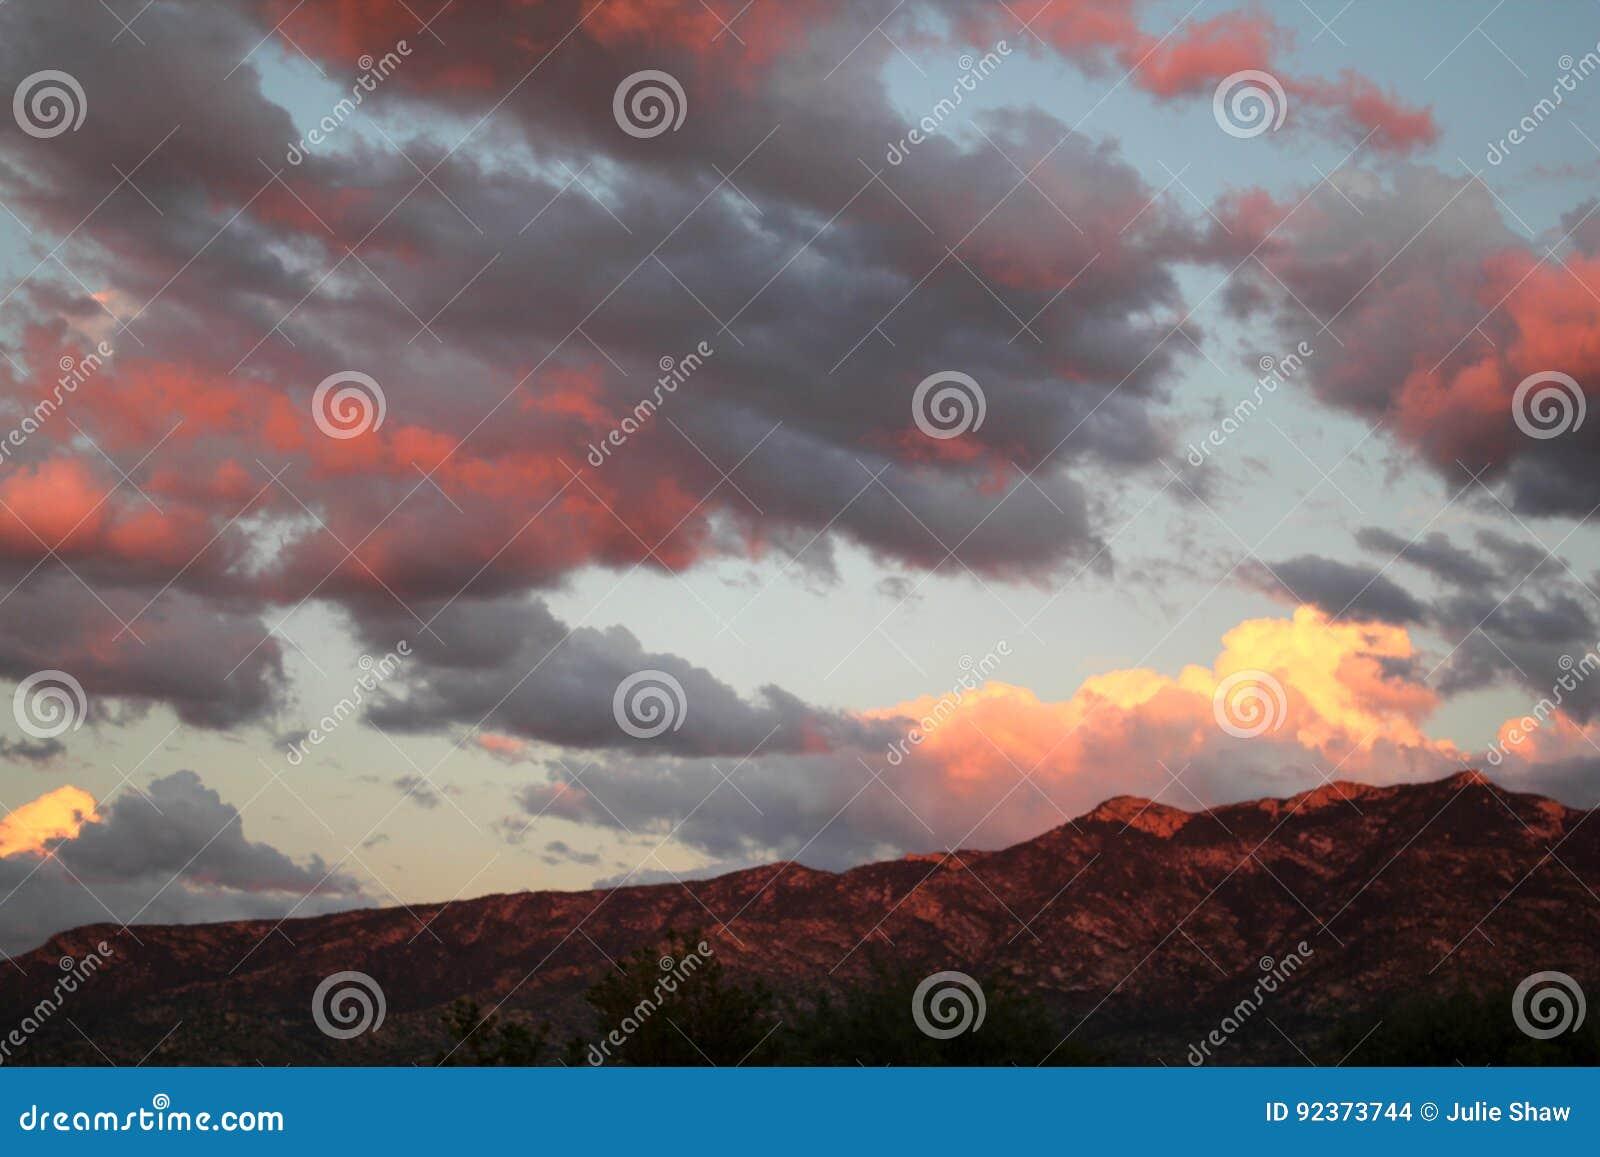 La rosa fuerte imponente se nubla sobre las montañas rojas en la puesta del sol en Tucson Arizona